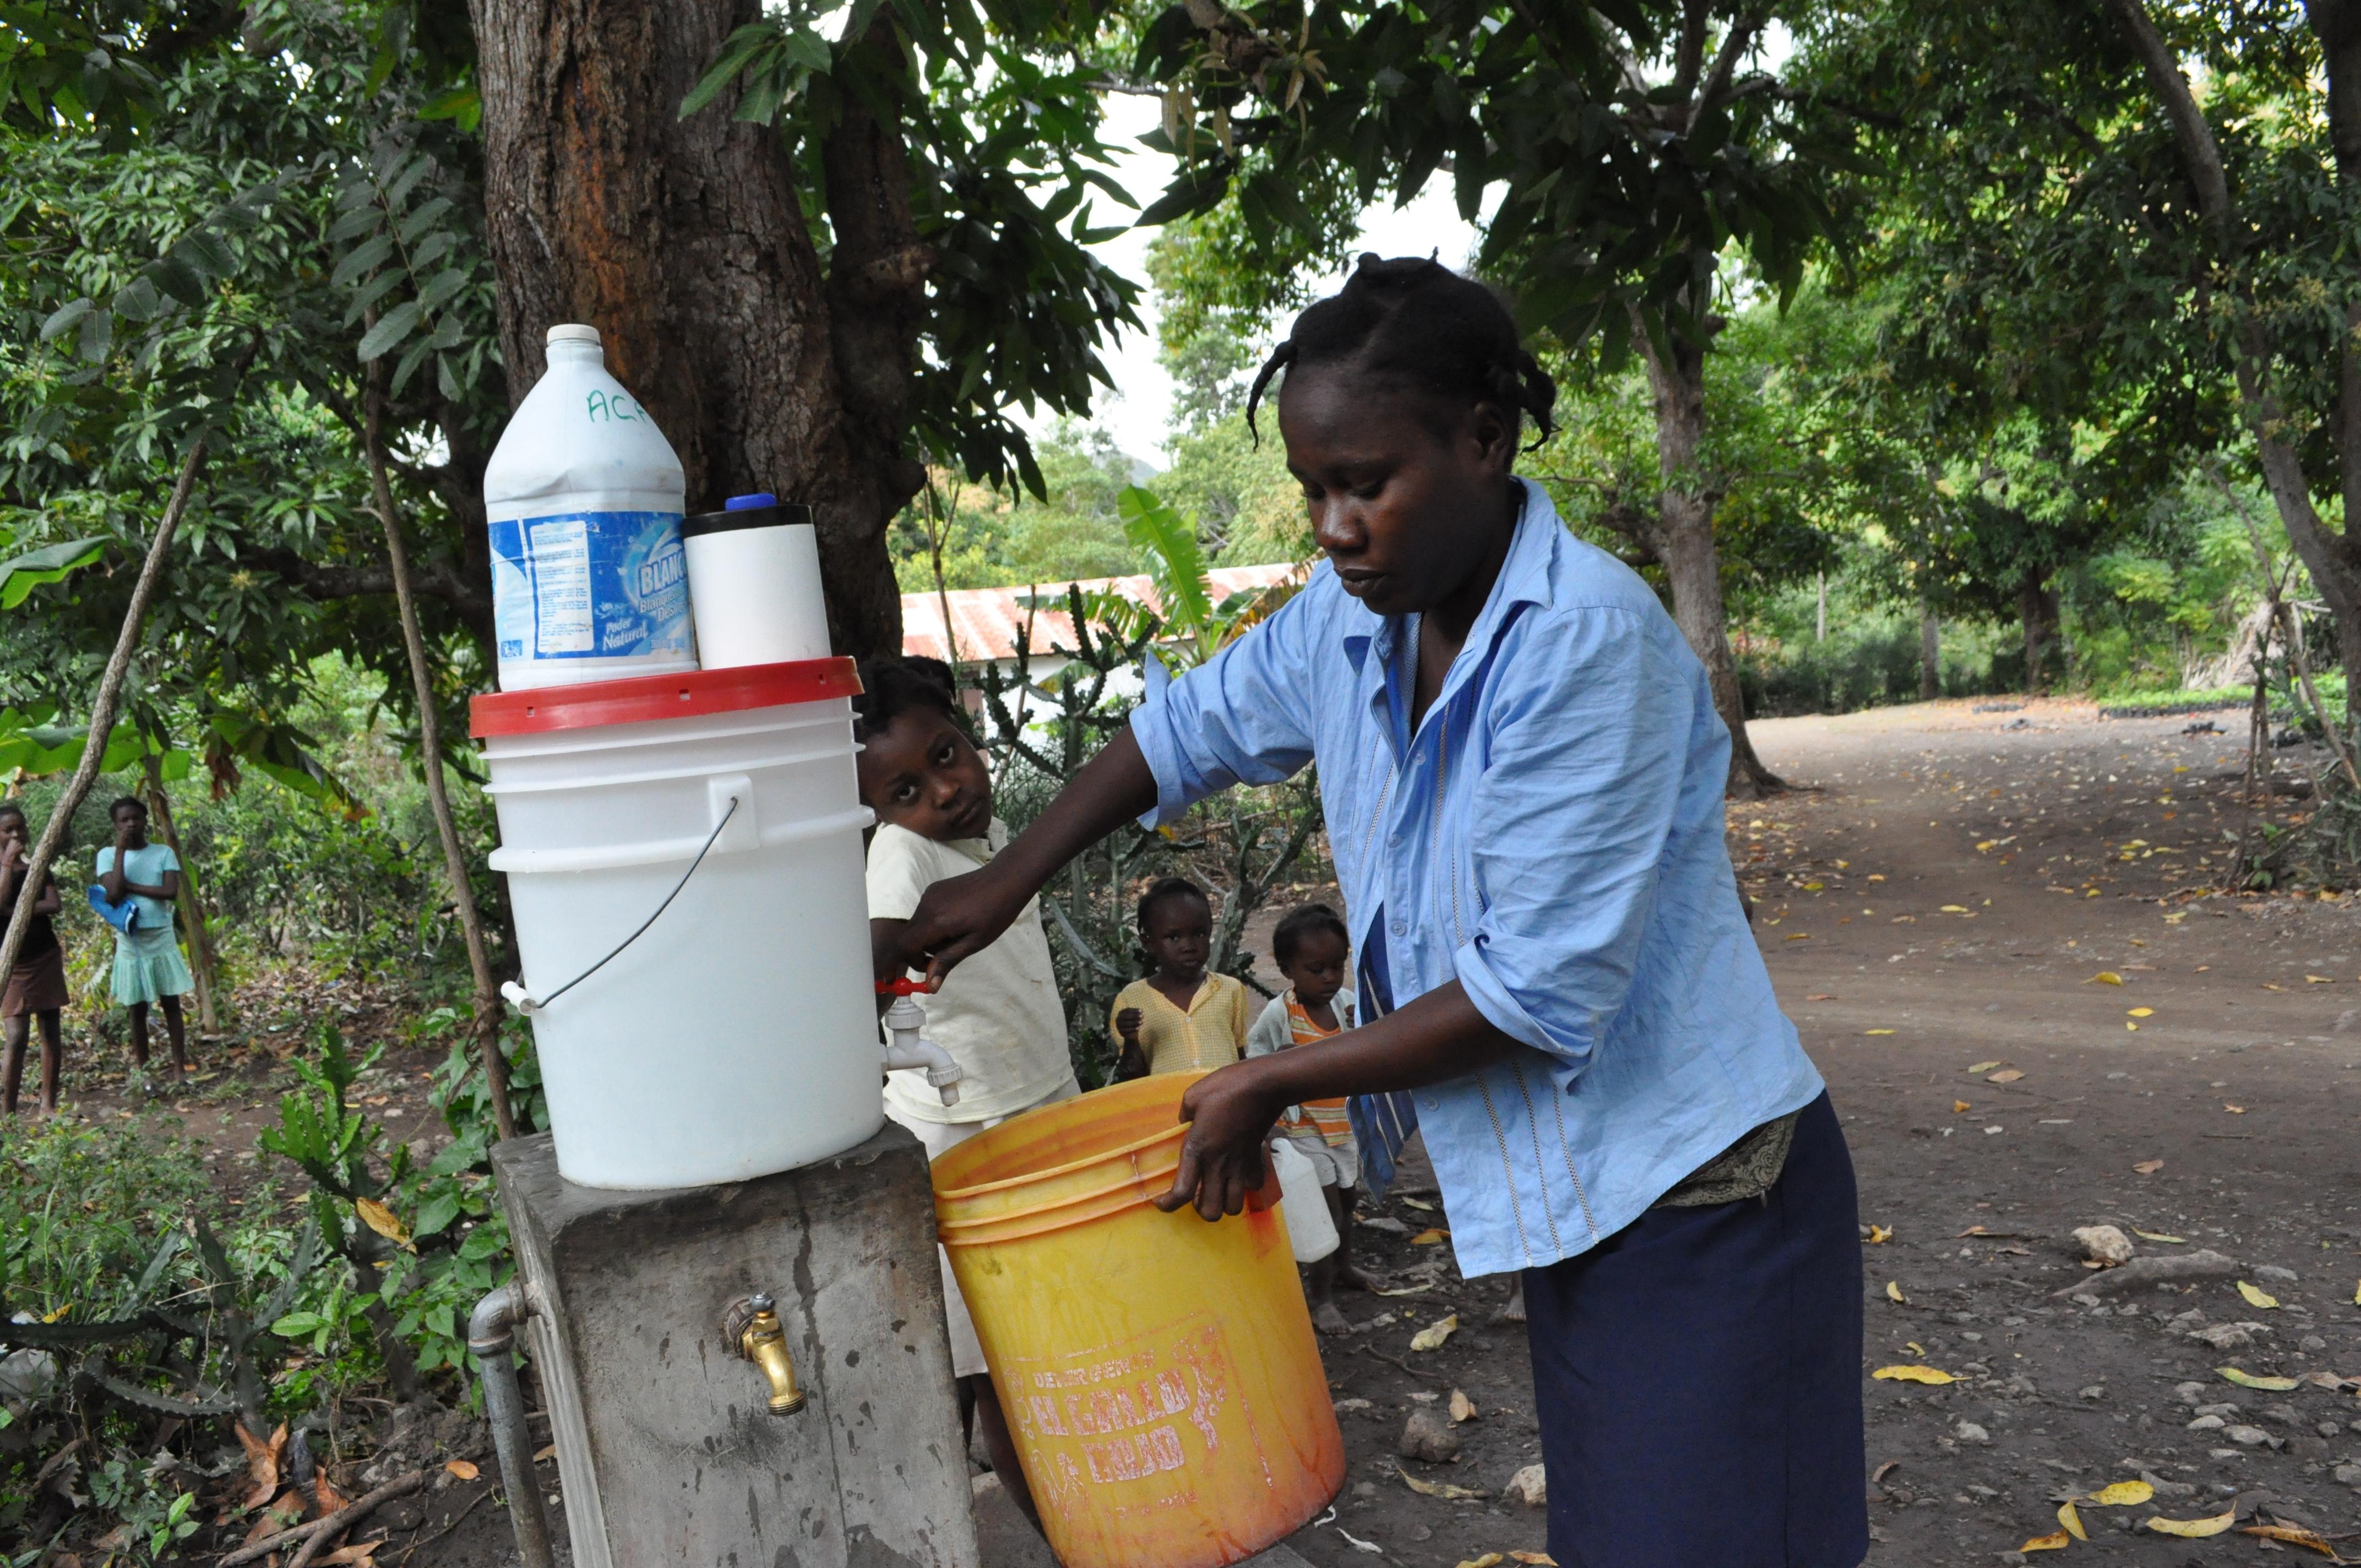 haiti-cholera-hygiene-sante